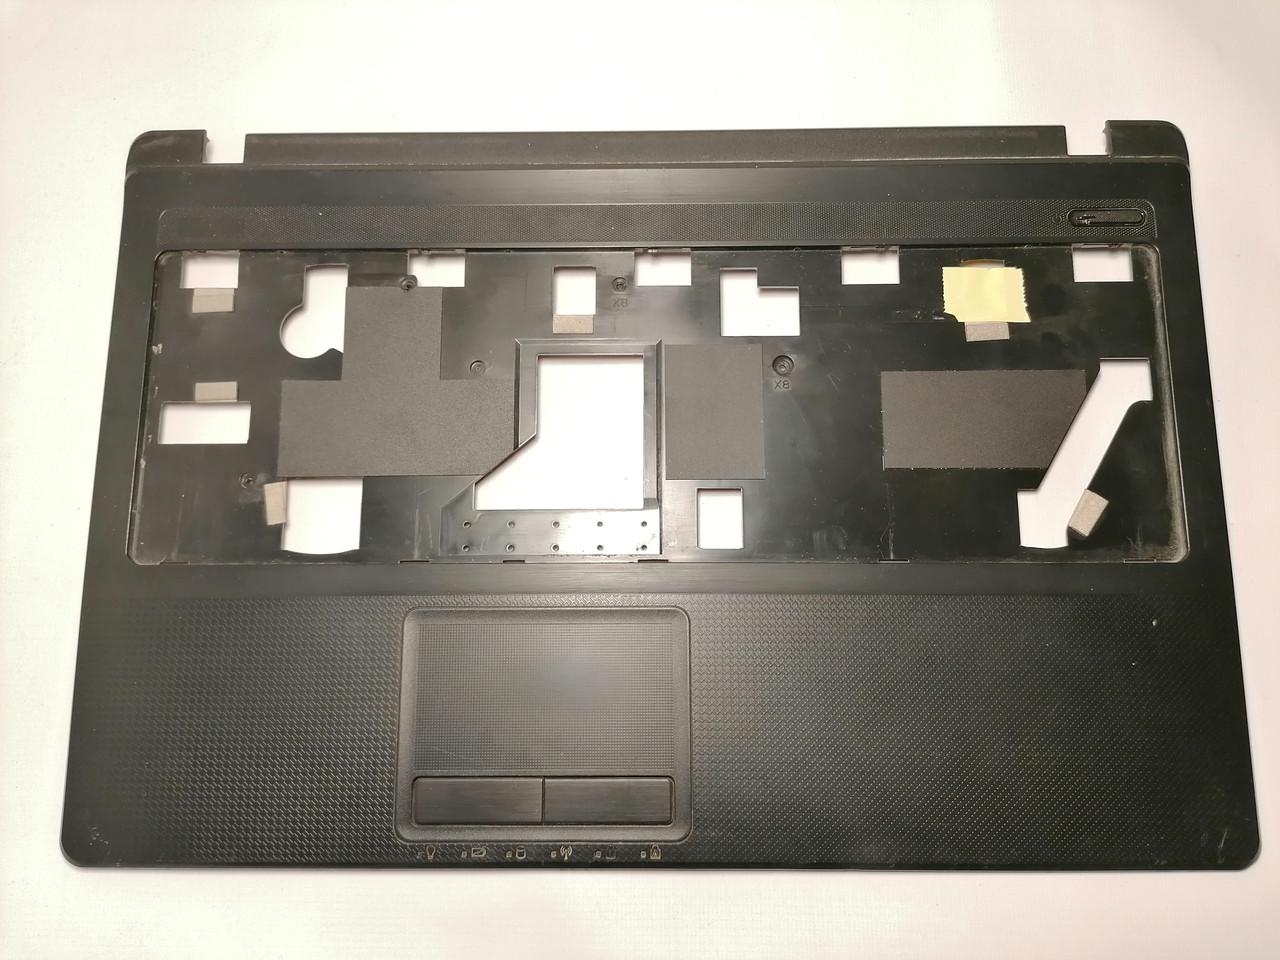 Б/У корпус крышка клавиатуры (топкейс) для ASUS K54 X54 A54 Series (13GN7BCAP012-1)